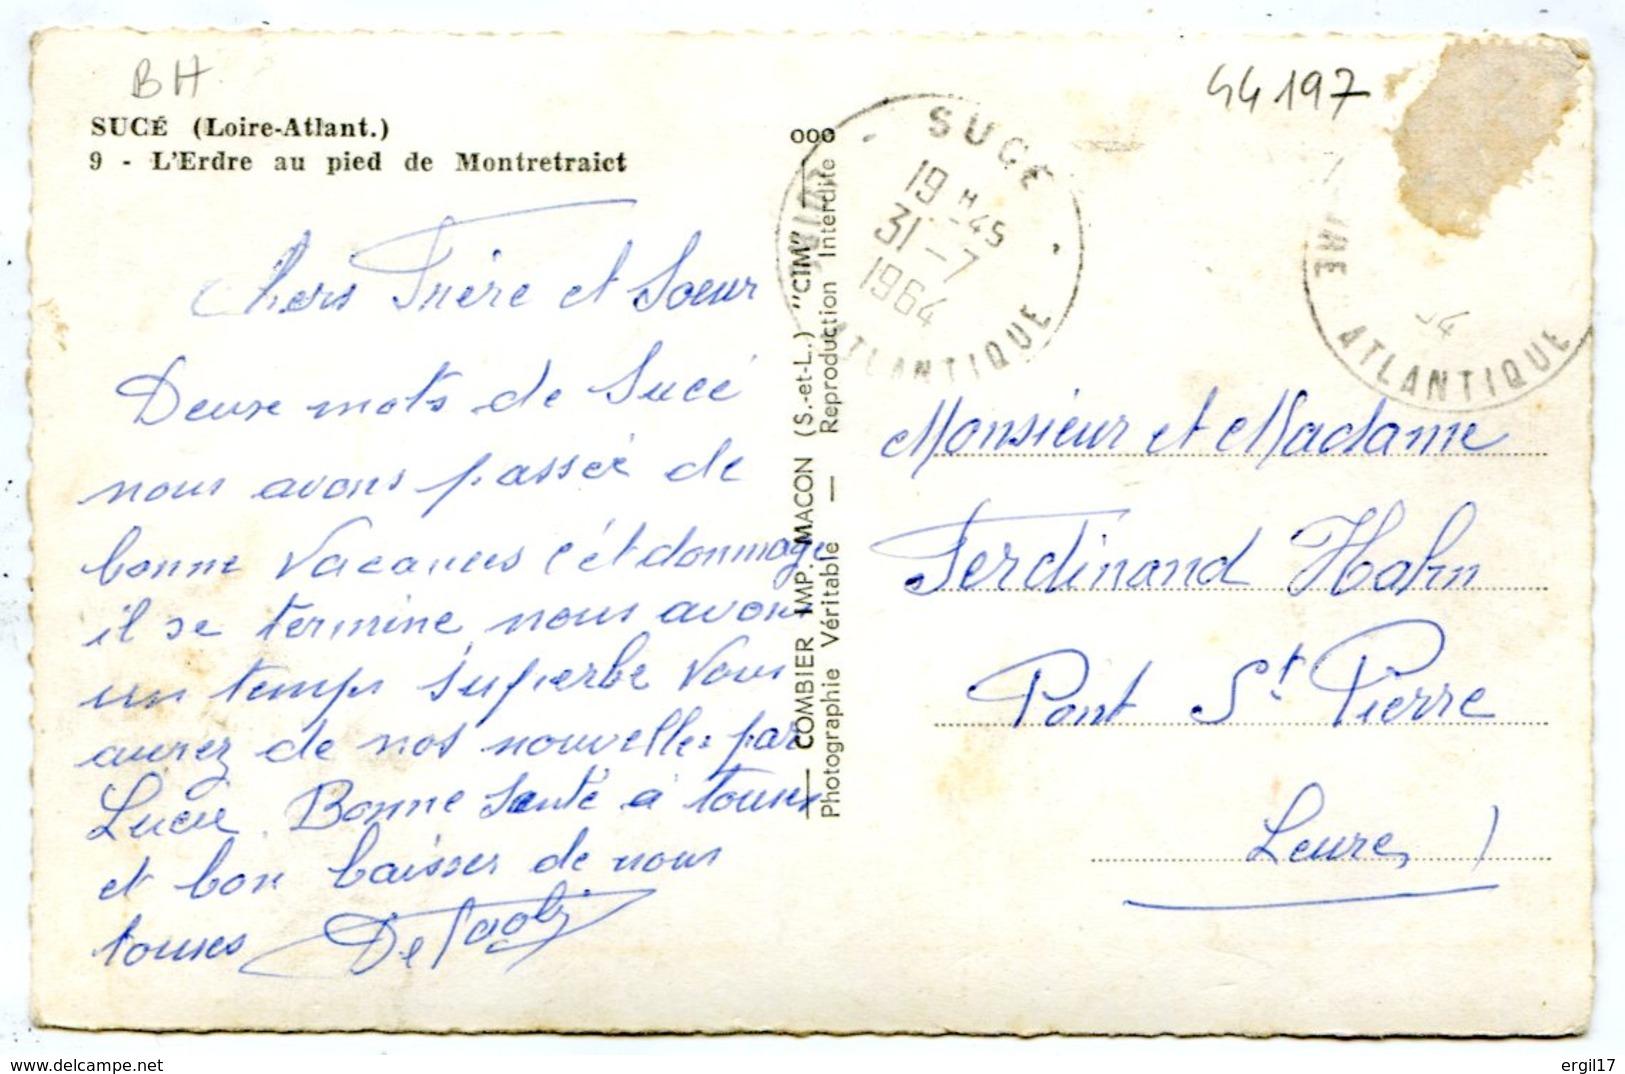 44240 SUCÉ - L'Erdre Au Pied De Montretraict, Péniche Le Cygne - CPSM 9x14 Photo Véritable - France